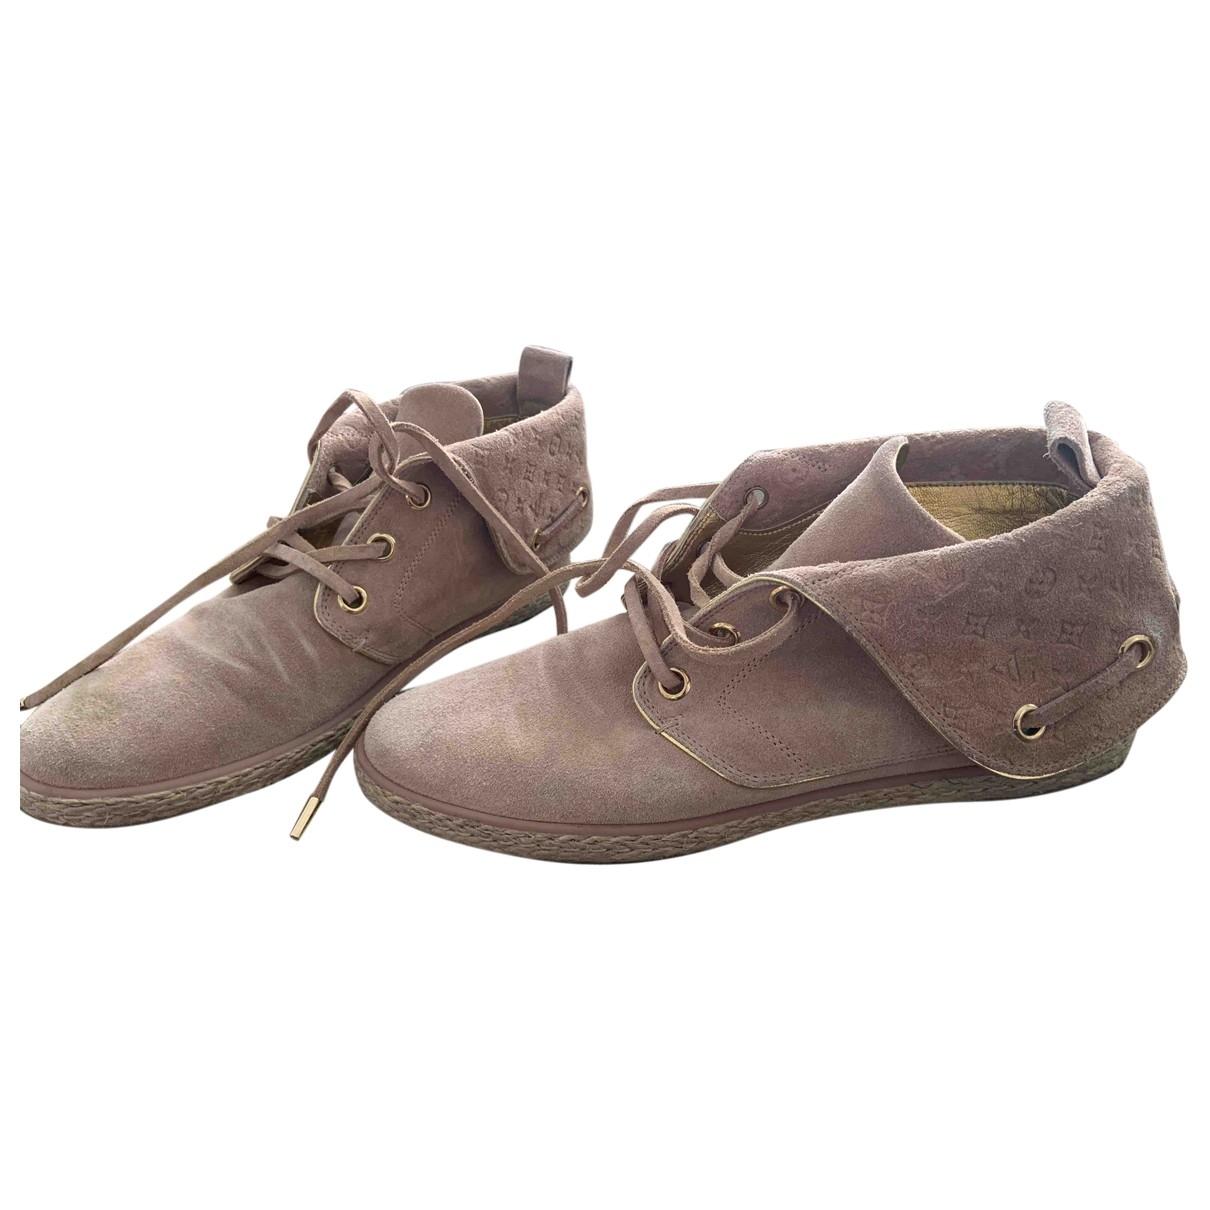 Louis Vuitton - Boots   pour femme en suede - beige